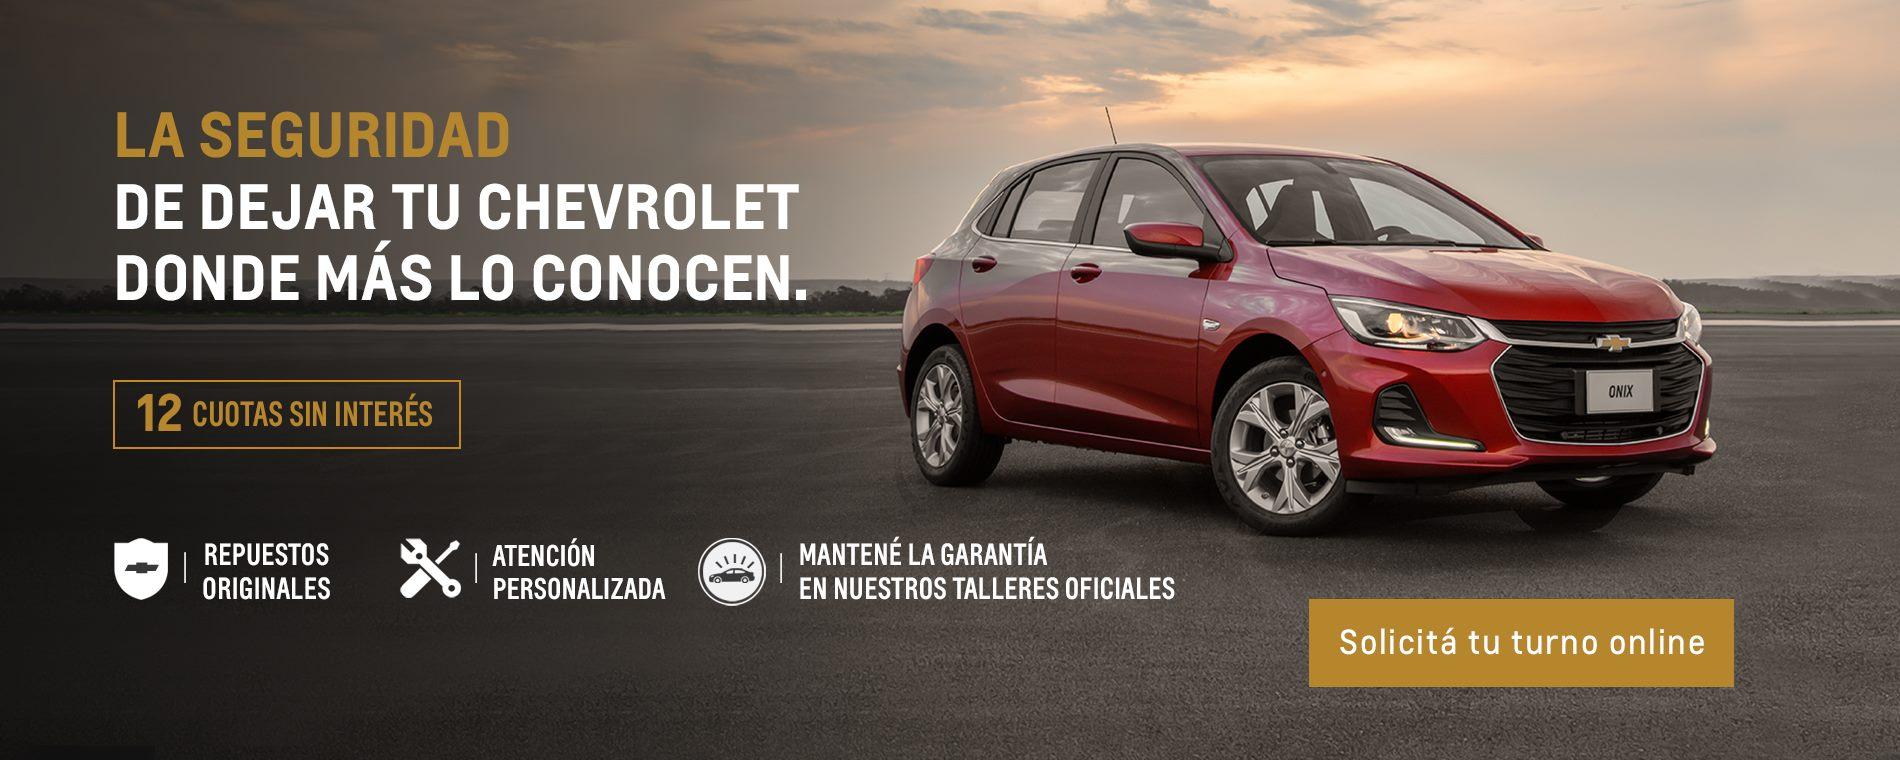 12 cuotas sin interés en Servicio Personalizado Chevrolet en taller oficial